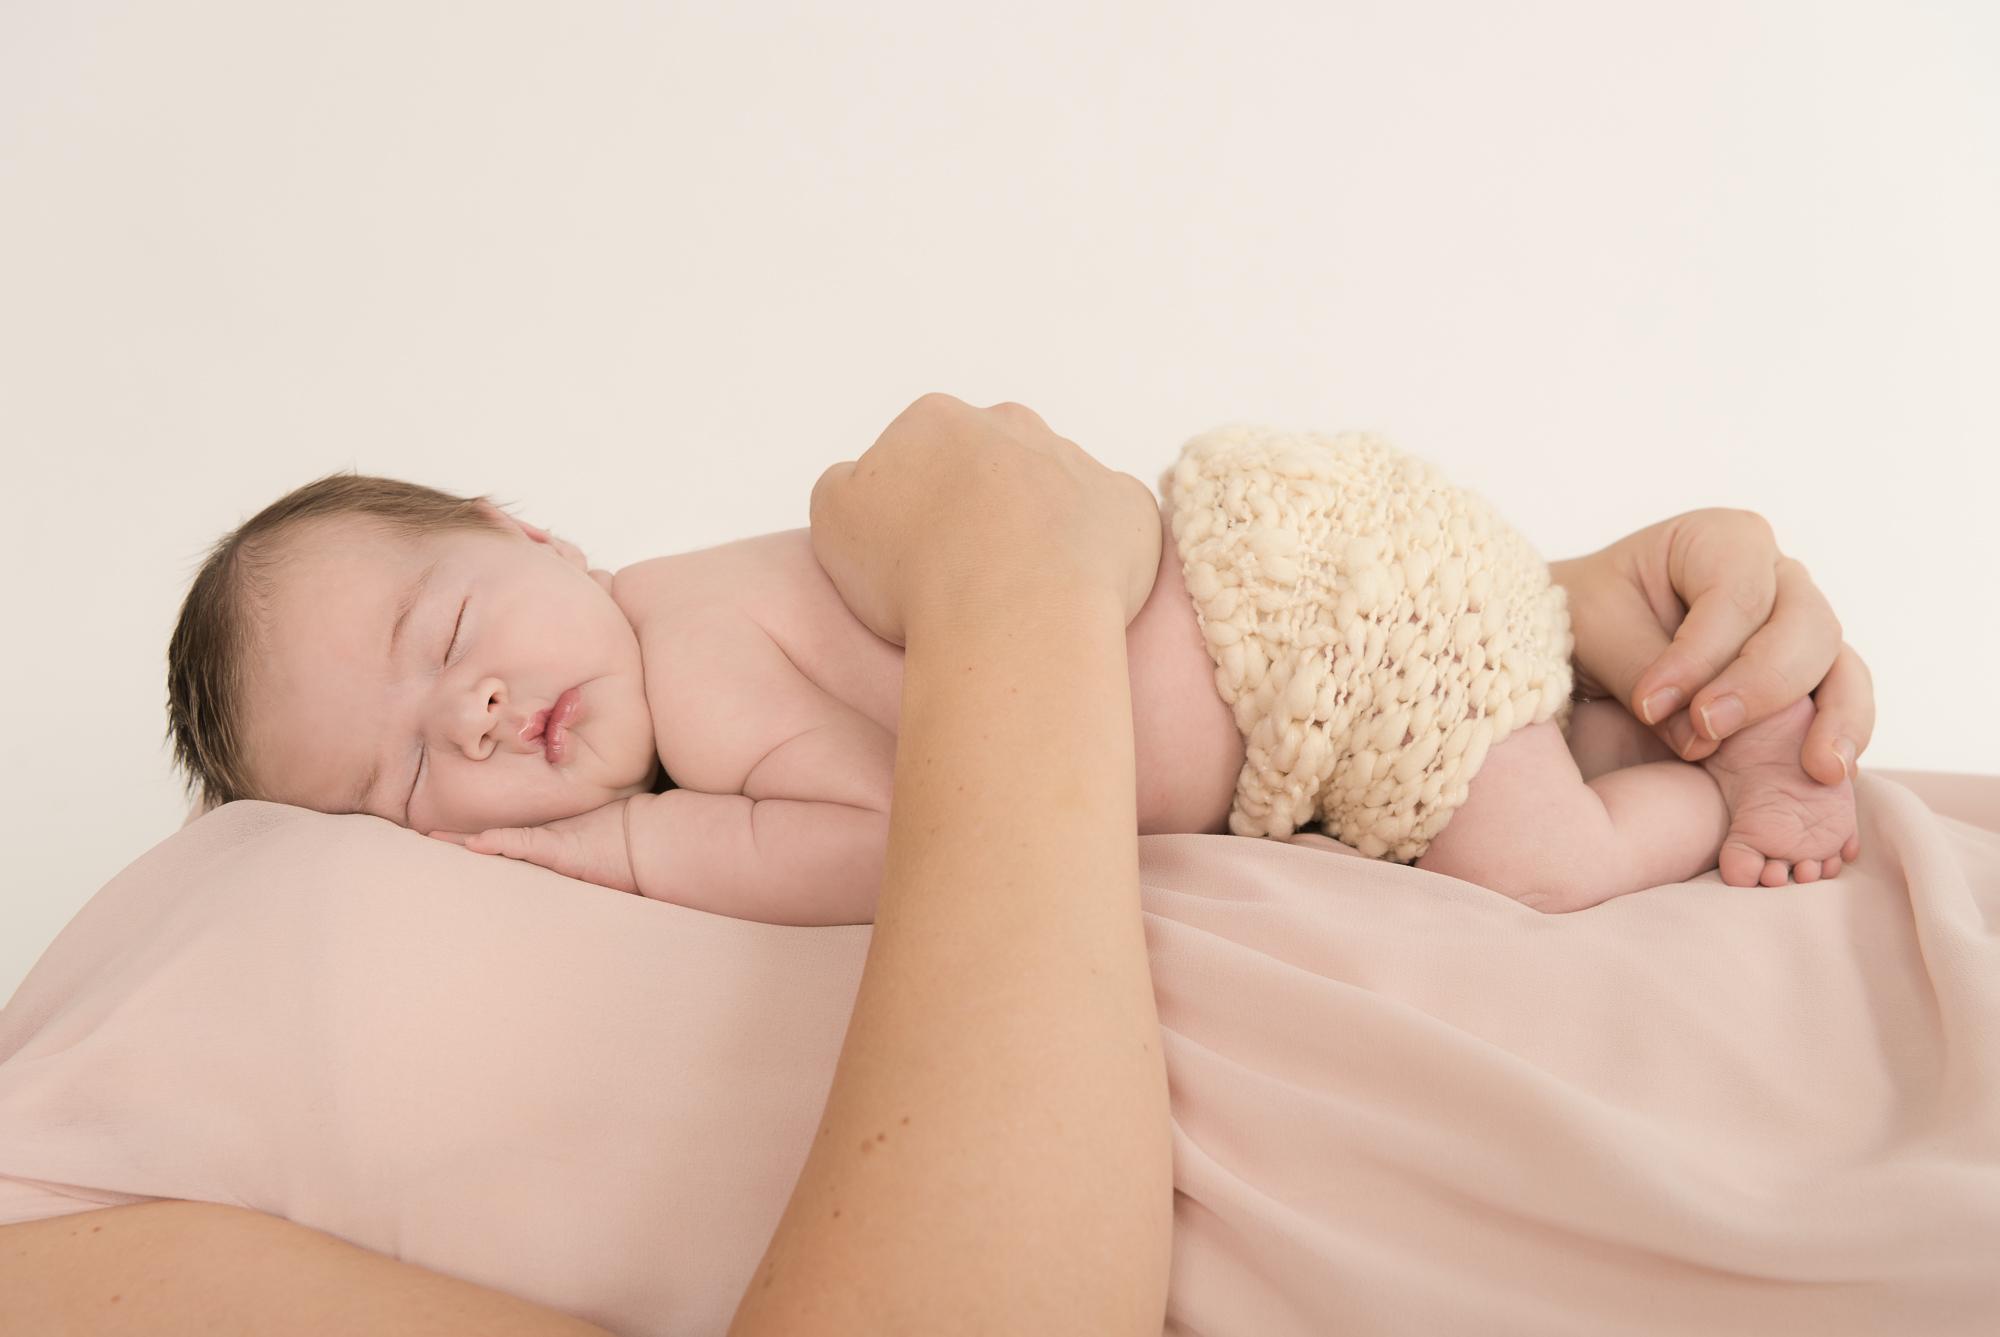 113-Nyfødt_famile_kjærlighet_glede_baby.jpg